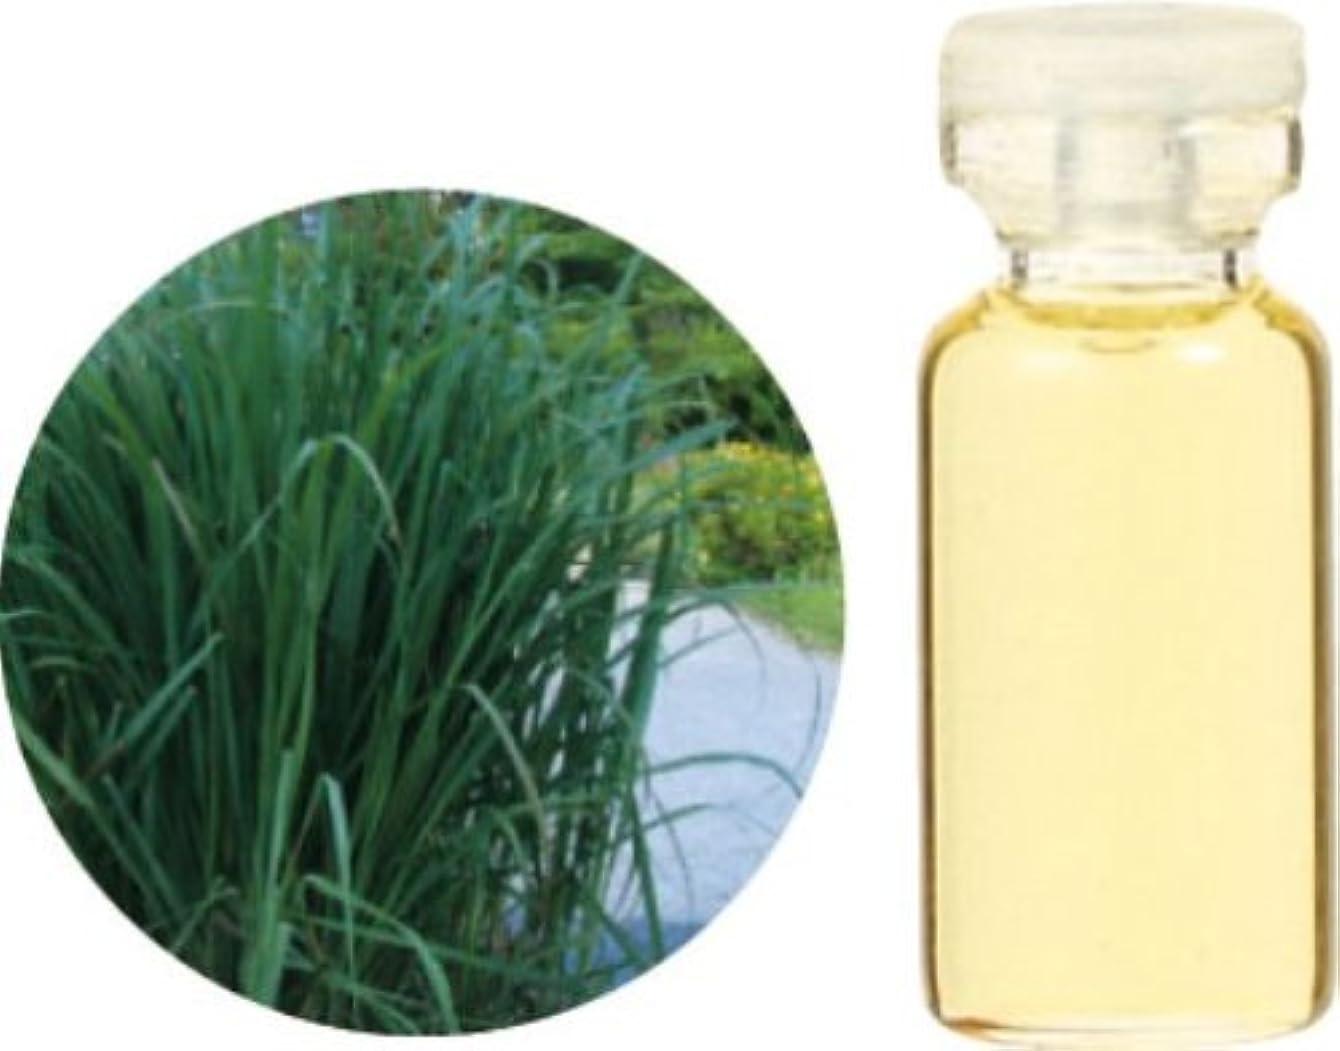 ギャングアレルギー性マウスピース生活の木 エッセンシャルオイル レモングラス 10ml